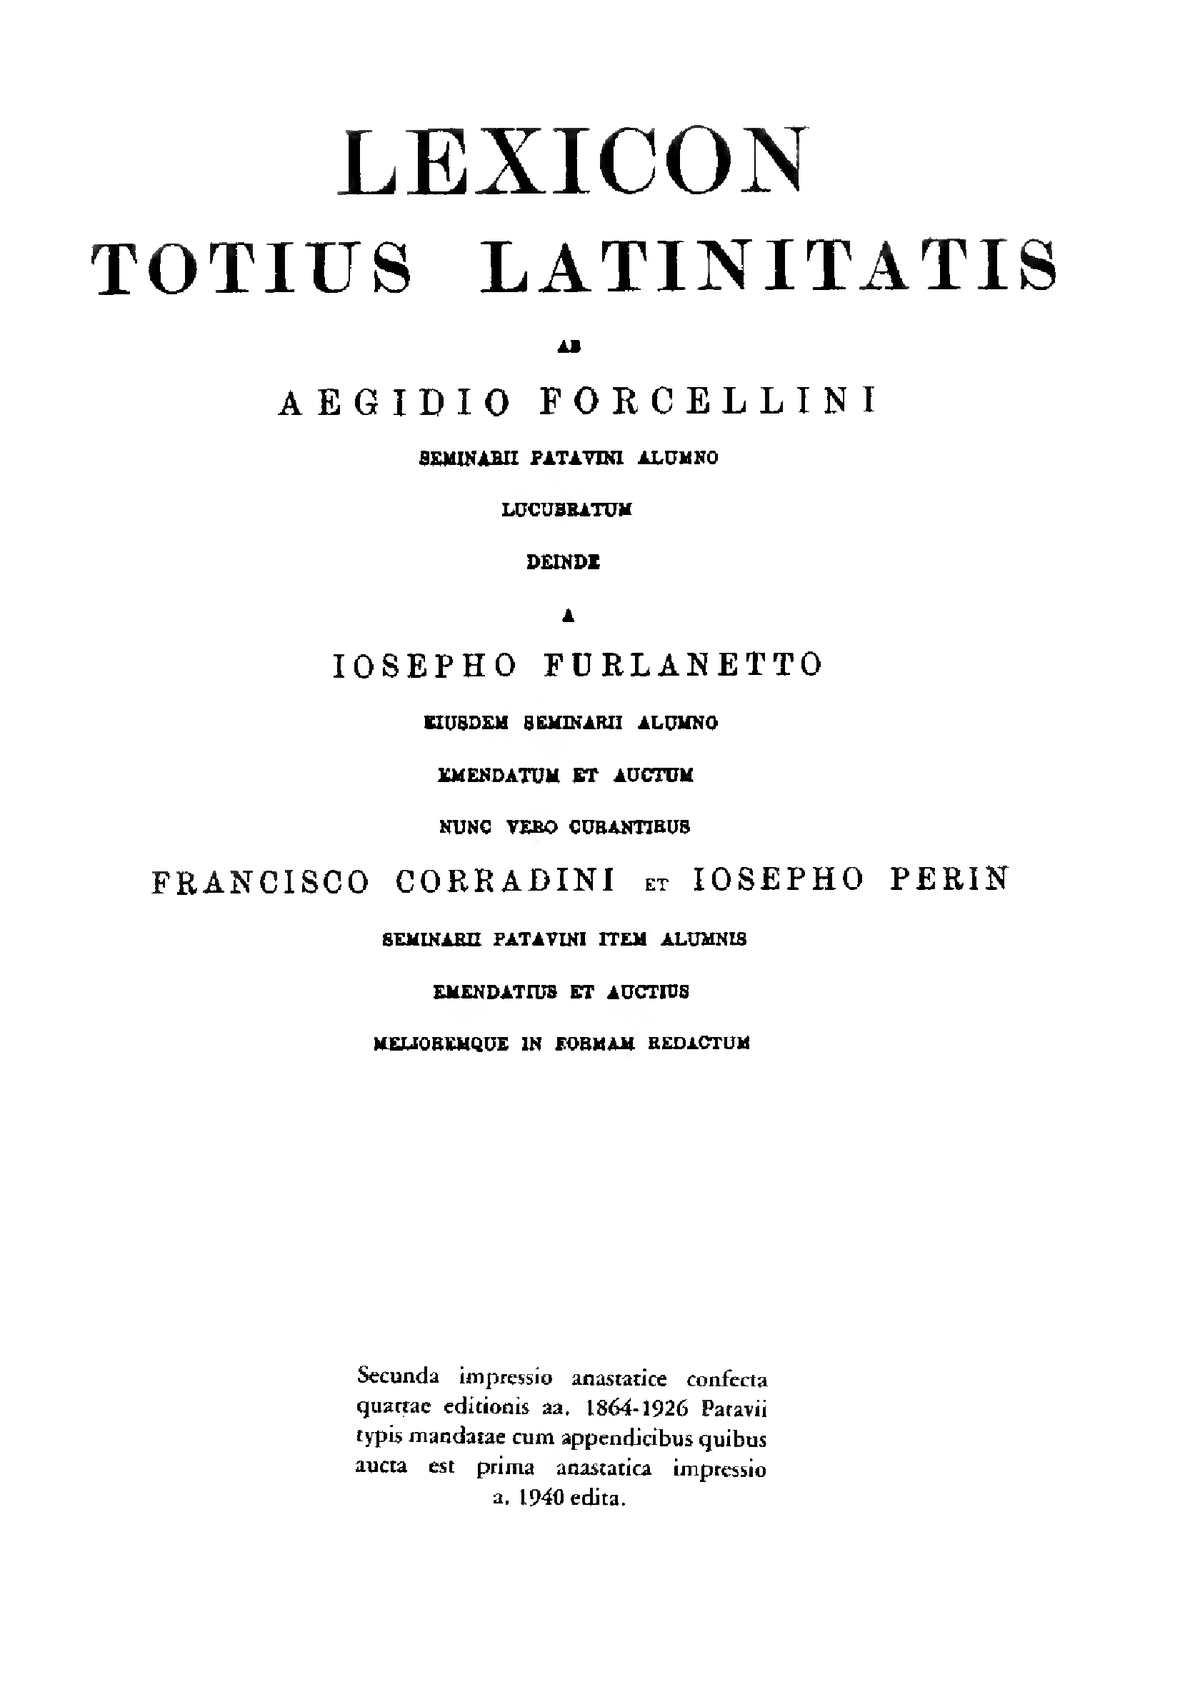 Calaméo Lexicon totius latinitatis T Z Forcellini Aegidio Corradini Franciscus Perin Josephus 1940